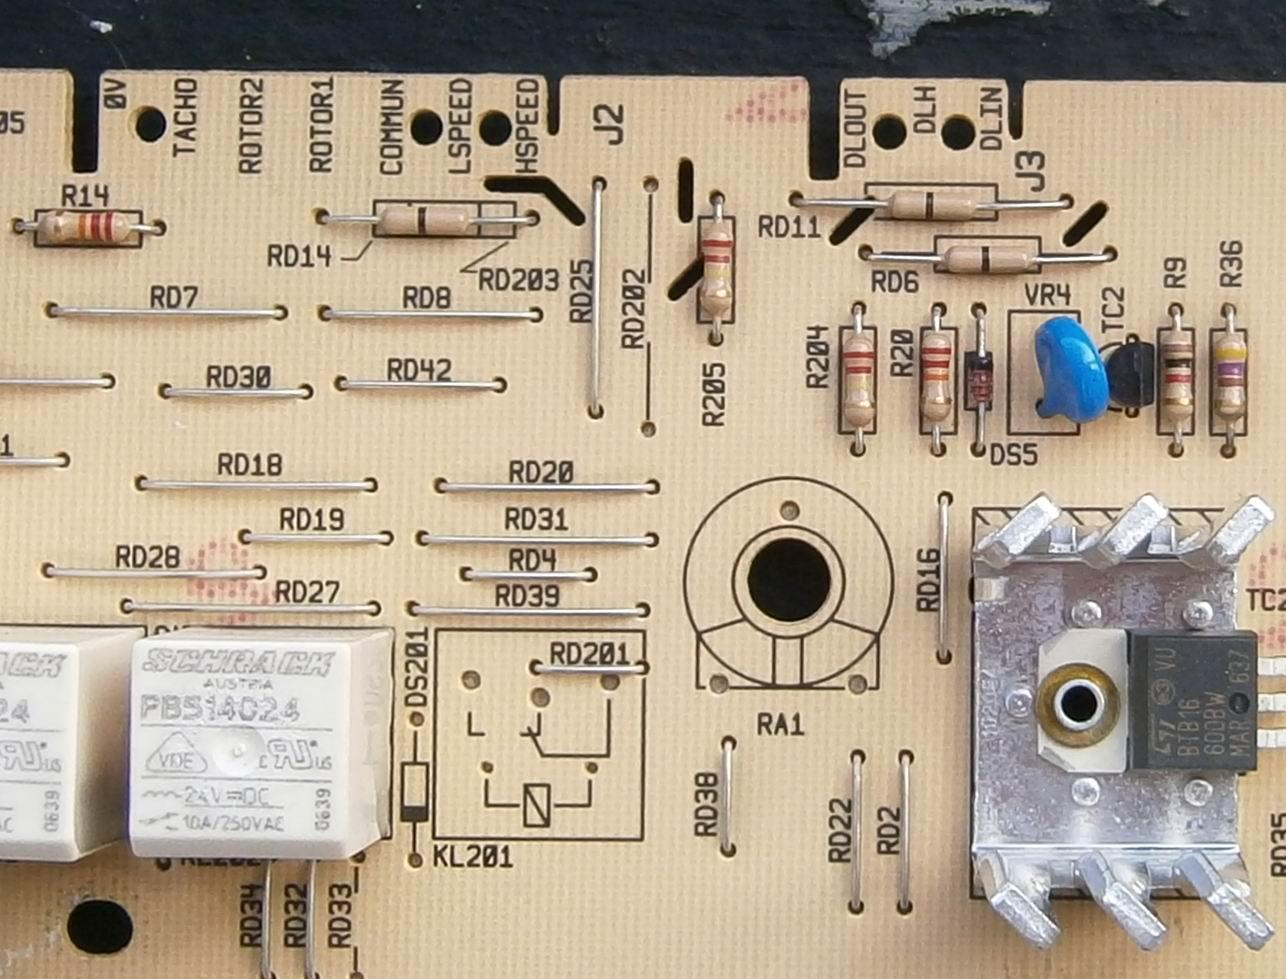 att-512dacec5b8a90002.JPG